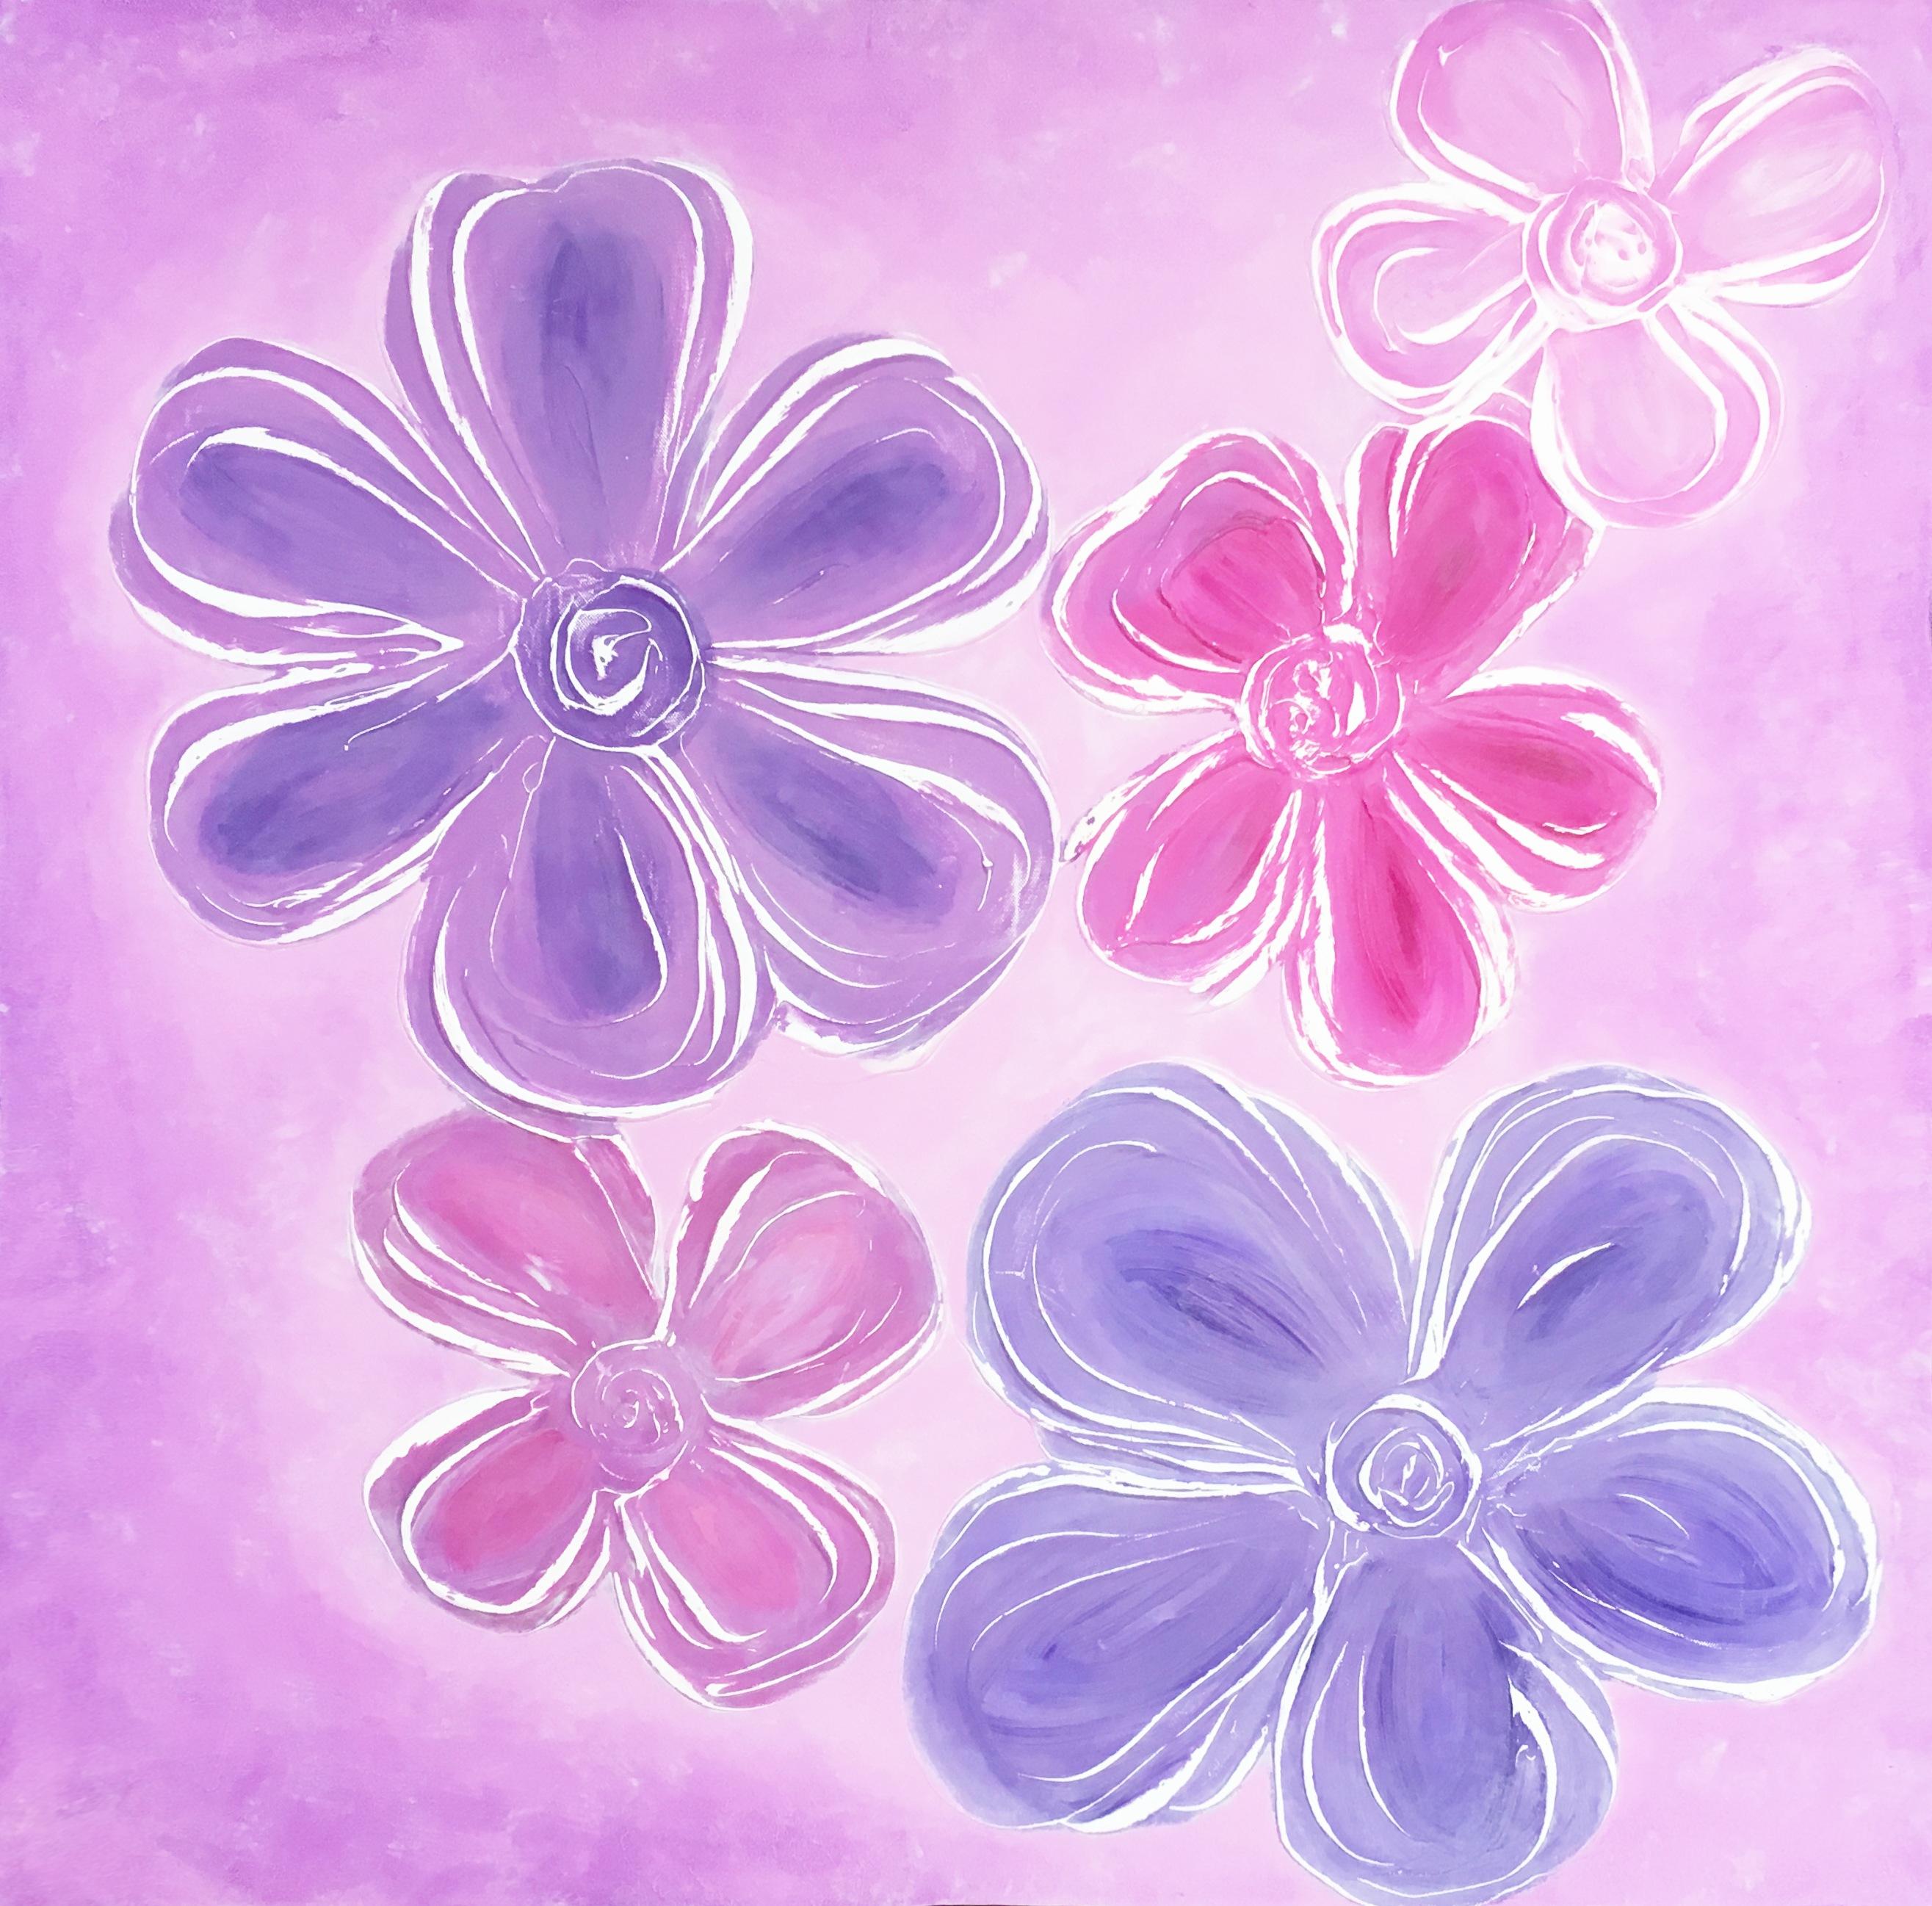 Květy léta - Katarína Regešová - Abstratkní obrazy